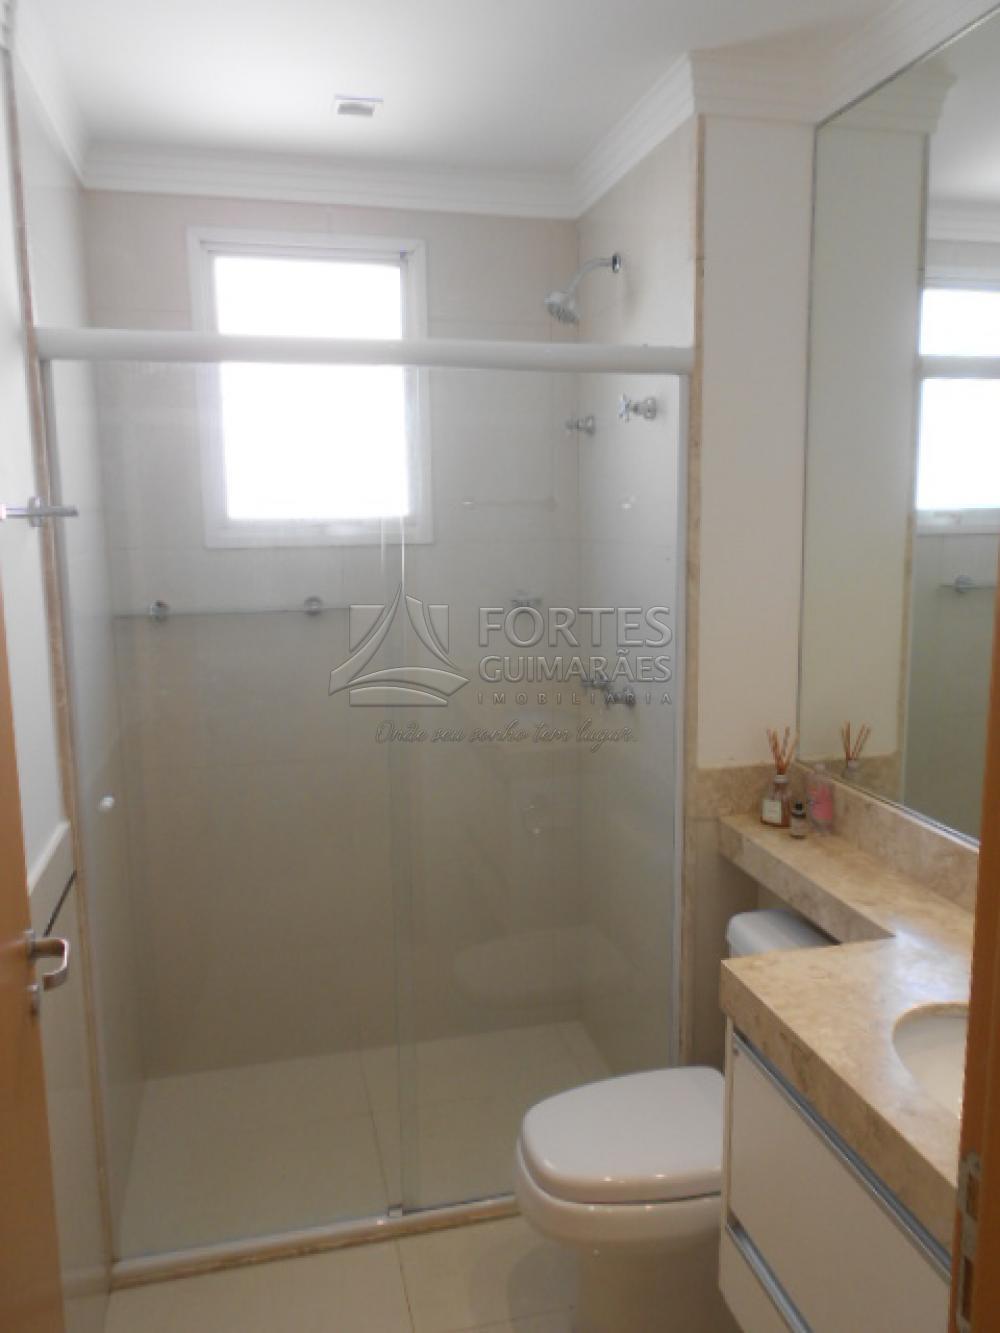 Alugar Apartamentos / Padrão em Ribeirão Preto apenas R$ 8.500,00 - Foto 27